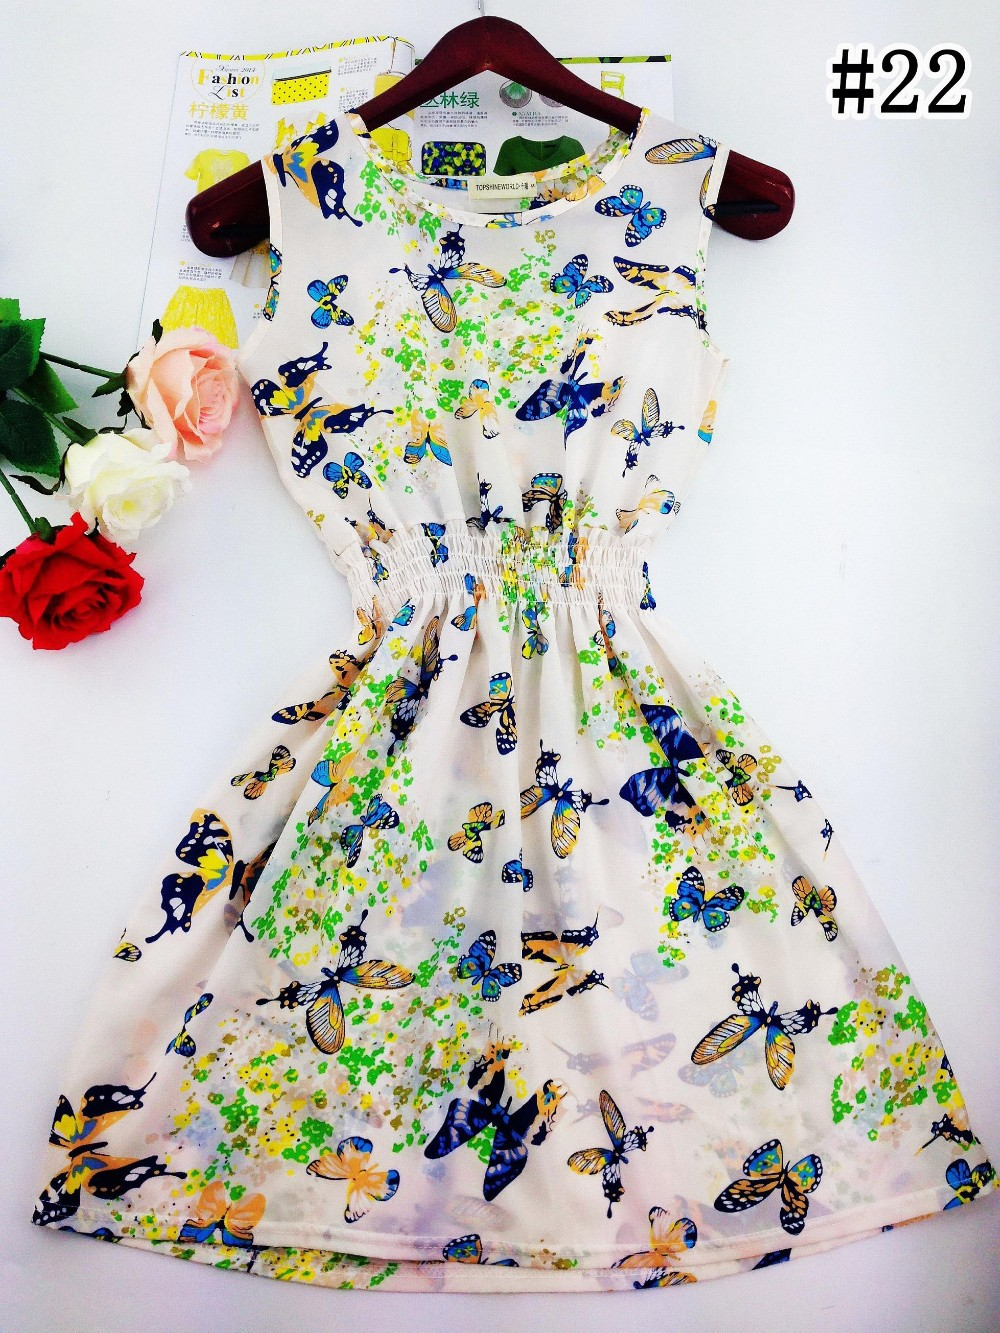 2017 lato jesień nowe koreańskie kobiety dorywczo czeski kamizelka bez rękawów lamparta kwiatów drukowane plaża chiffon dress vestidos wc0344 26